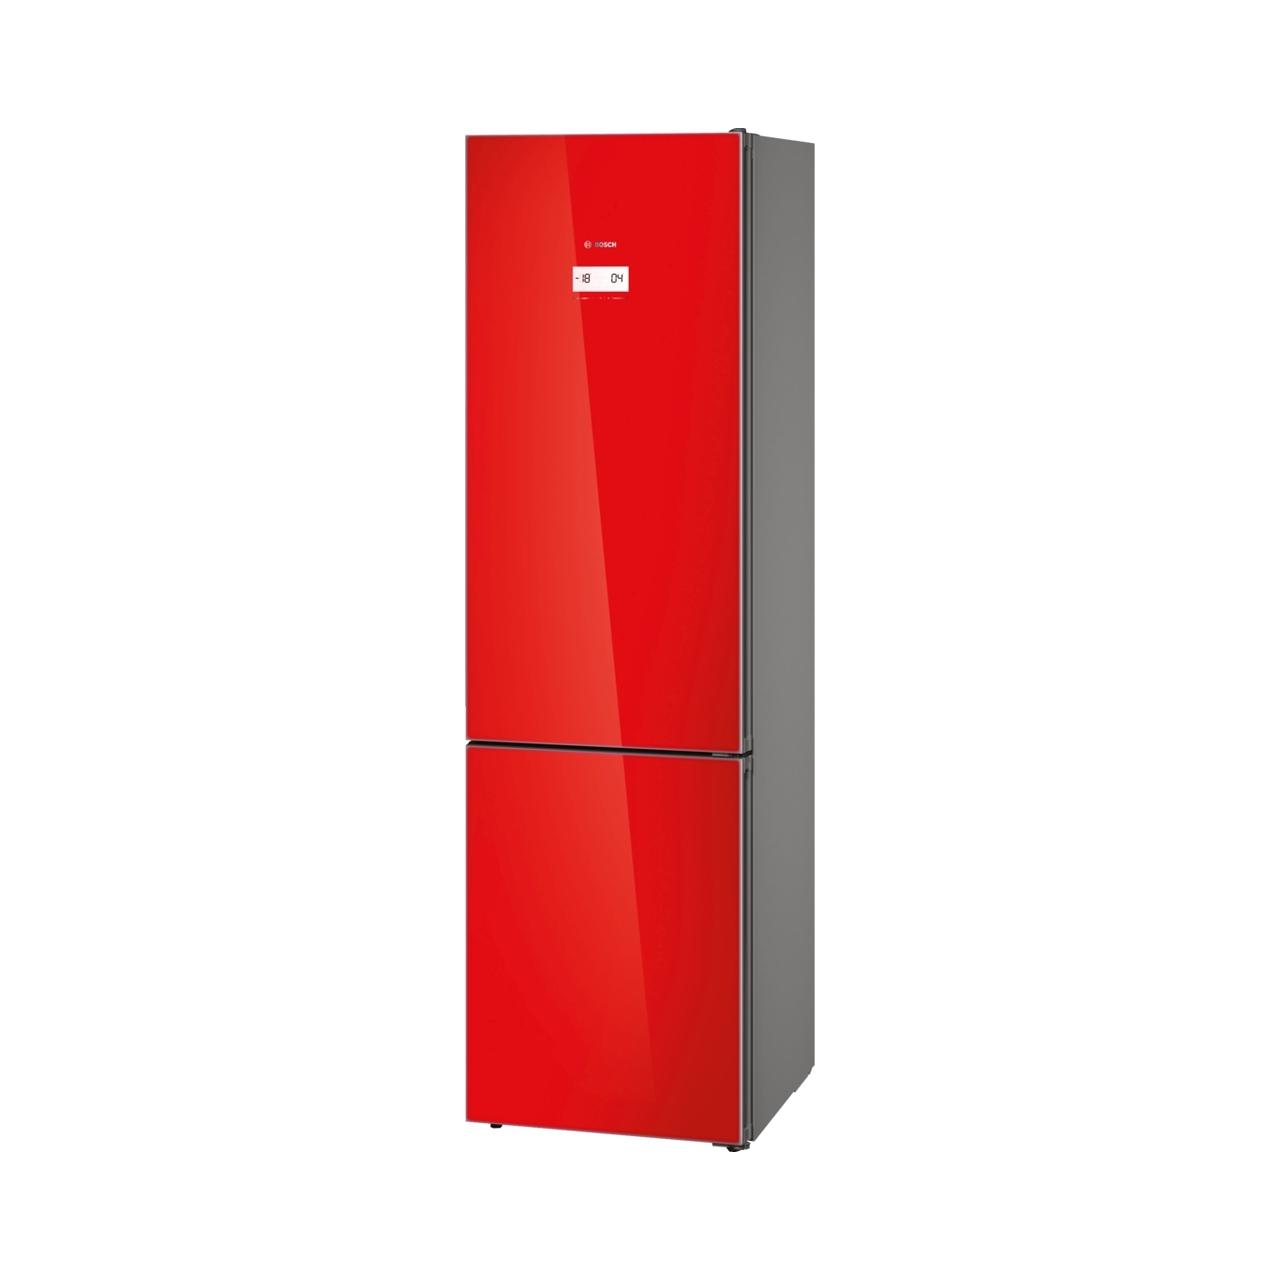 Tủ lạnh đơn BOSCH KGN39LR35 Serie 6